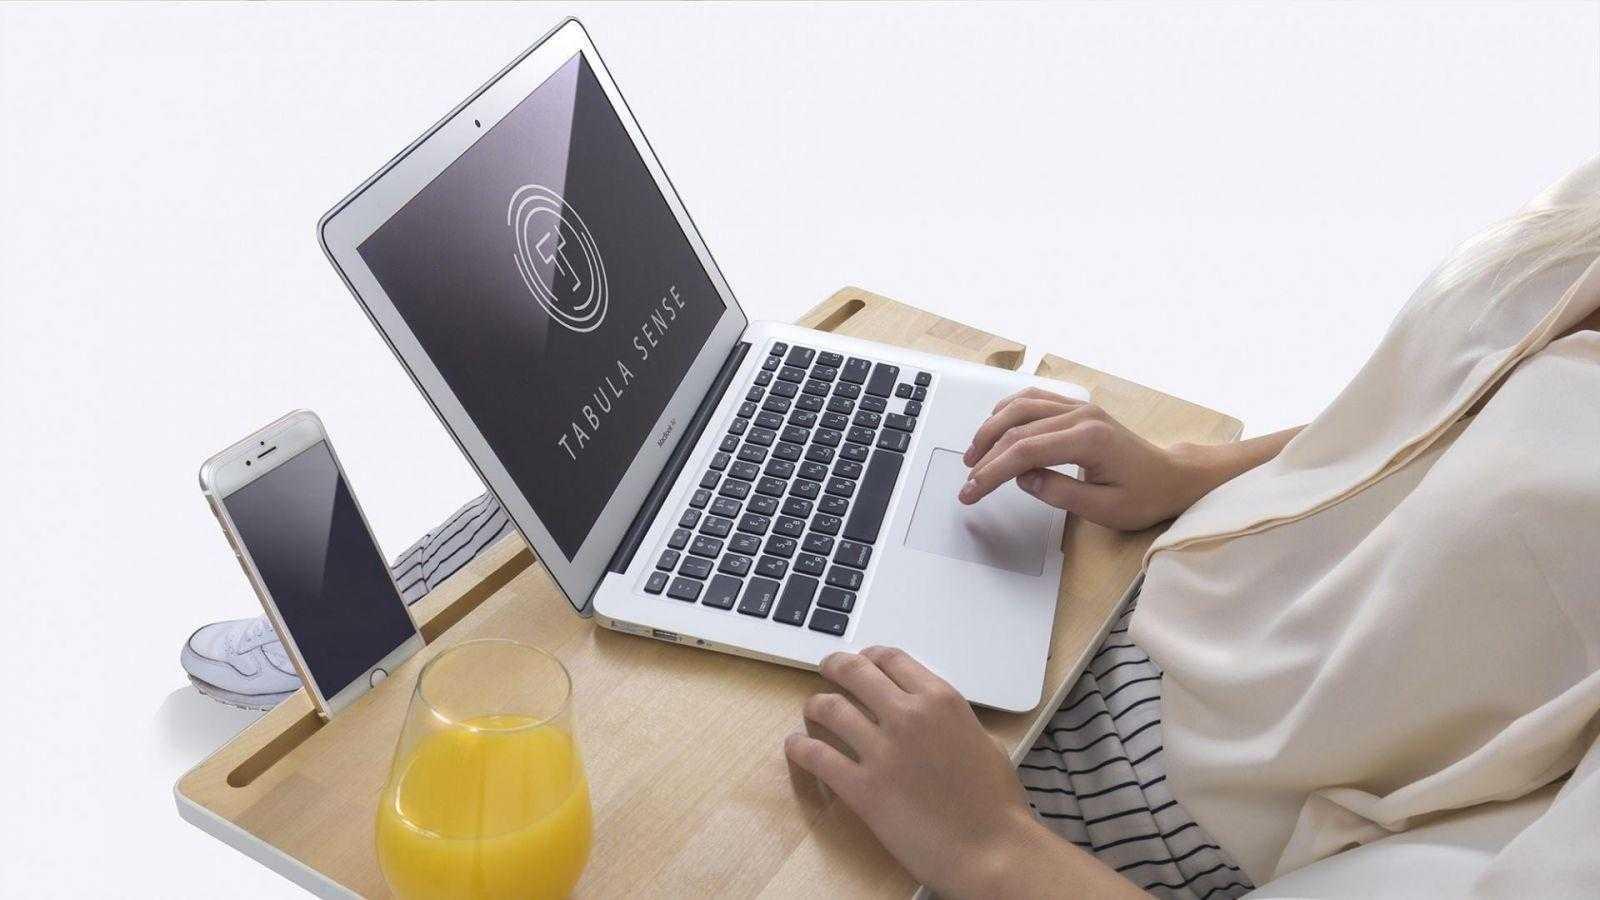 IMG 4466 1 - Российская компания Tabula Sense выпускает мебель для гиков